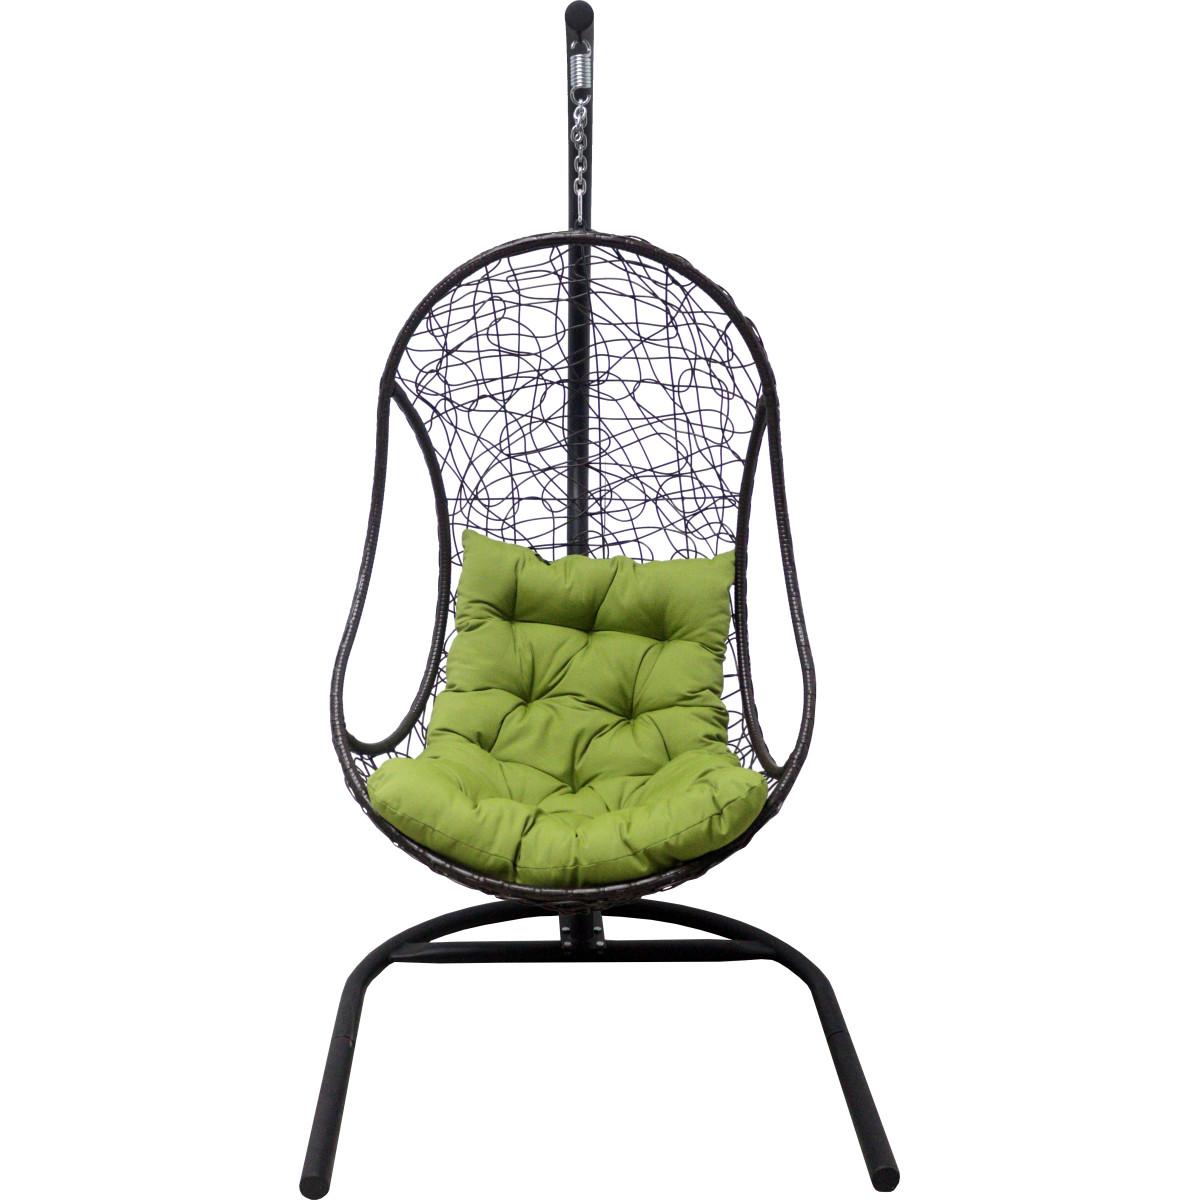 Кресло Подвесное С Опорой Bliss 102x200x126 Искусственный Ротанг Темно-Коричневый/Оливковый